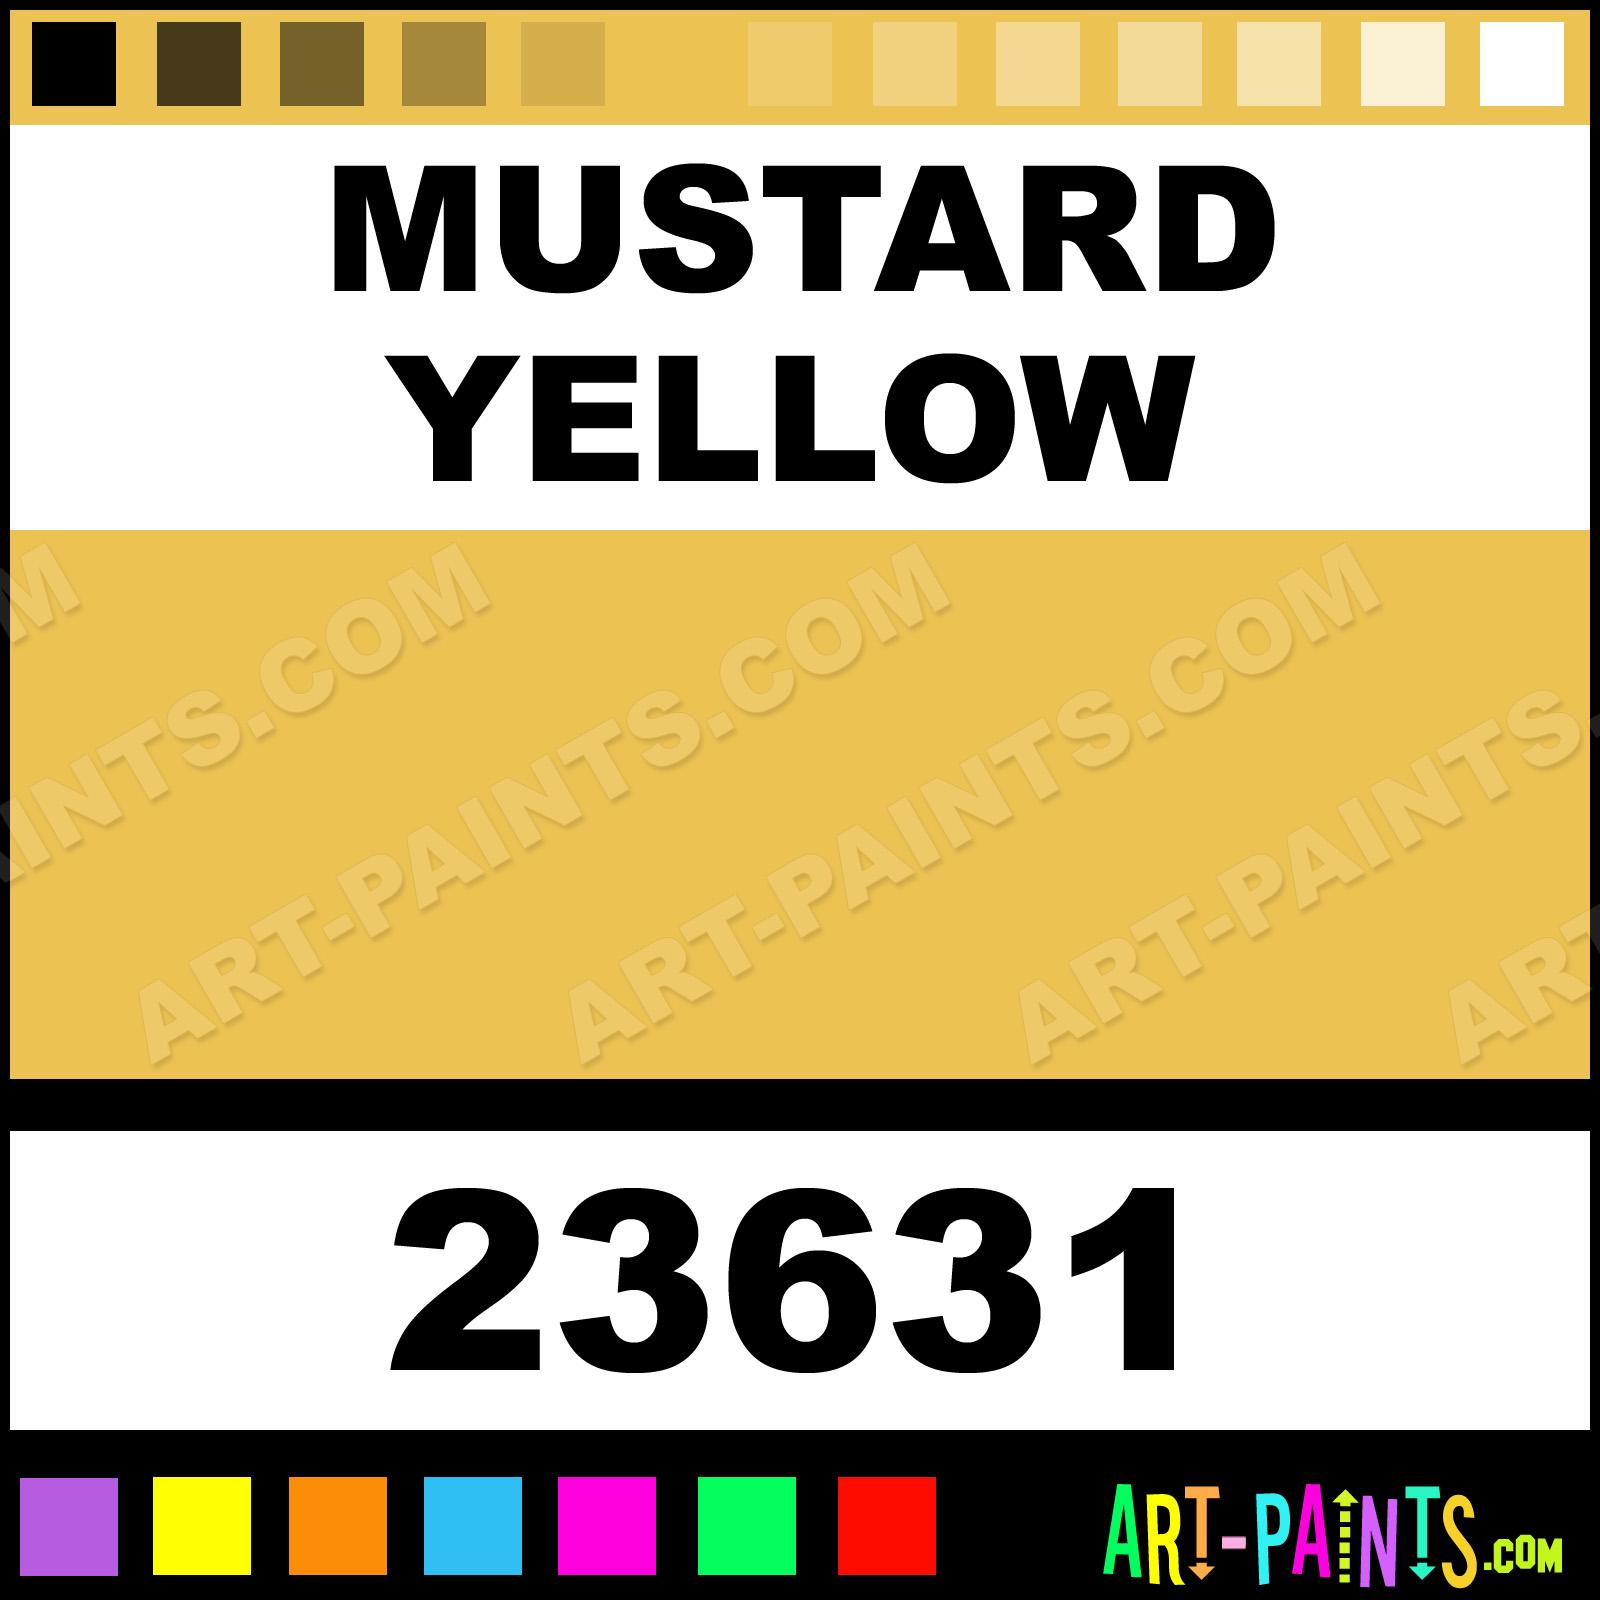 mustard yellow artist acrylic paints - 23631 - mustard yellow